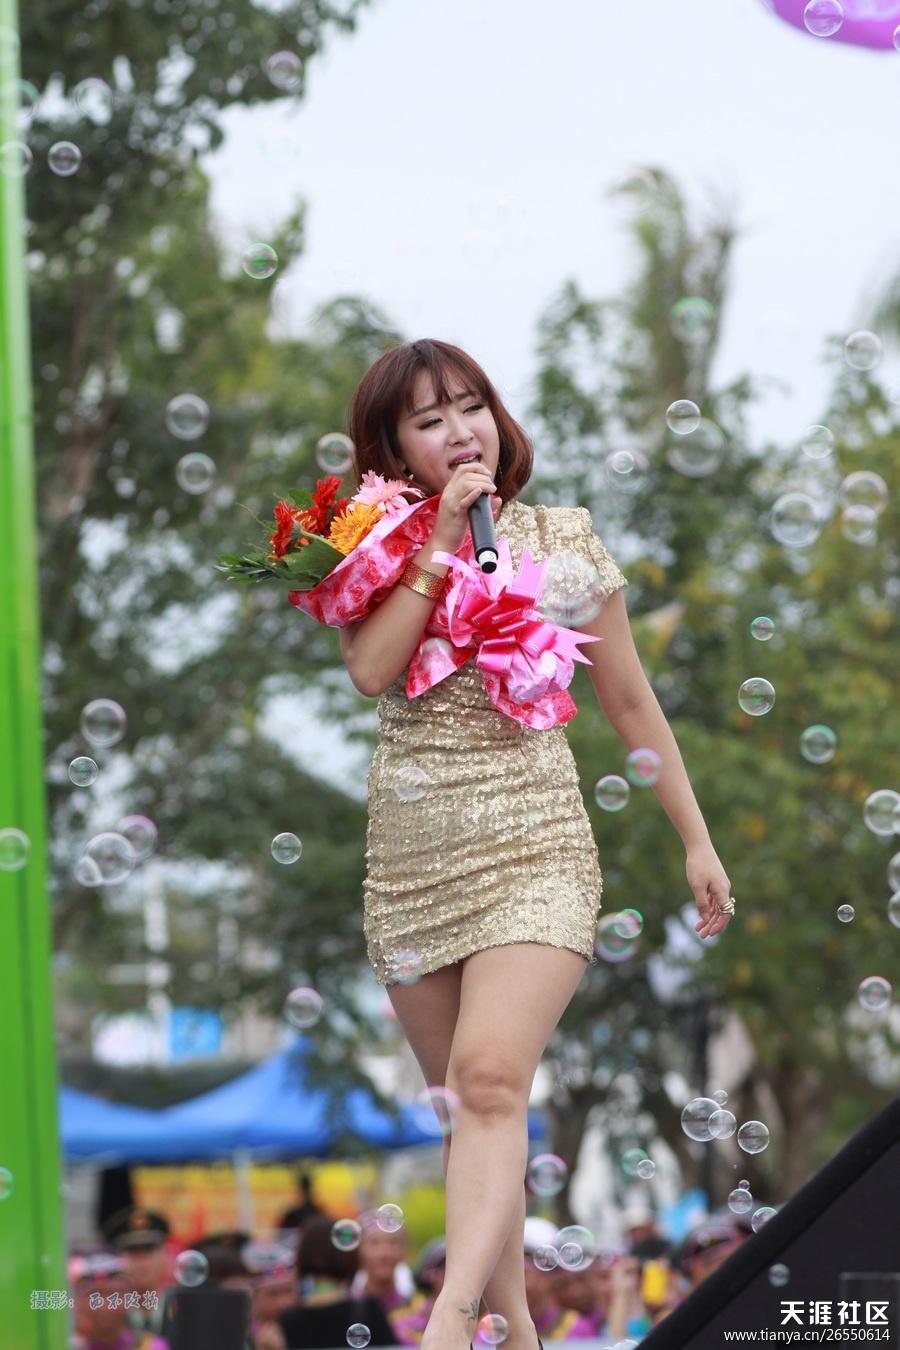 主题: 直击2012年第十三届中国海南岛欢乐节 群星荟萃 盛况空前[精彩